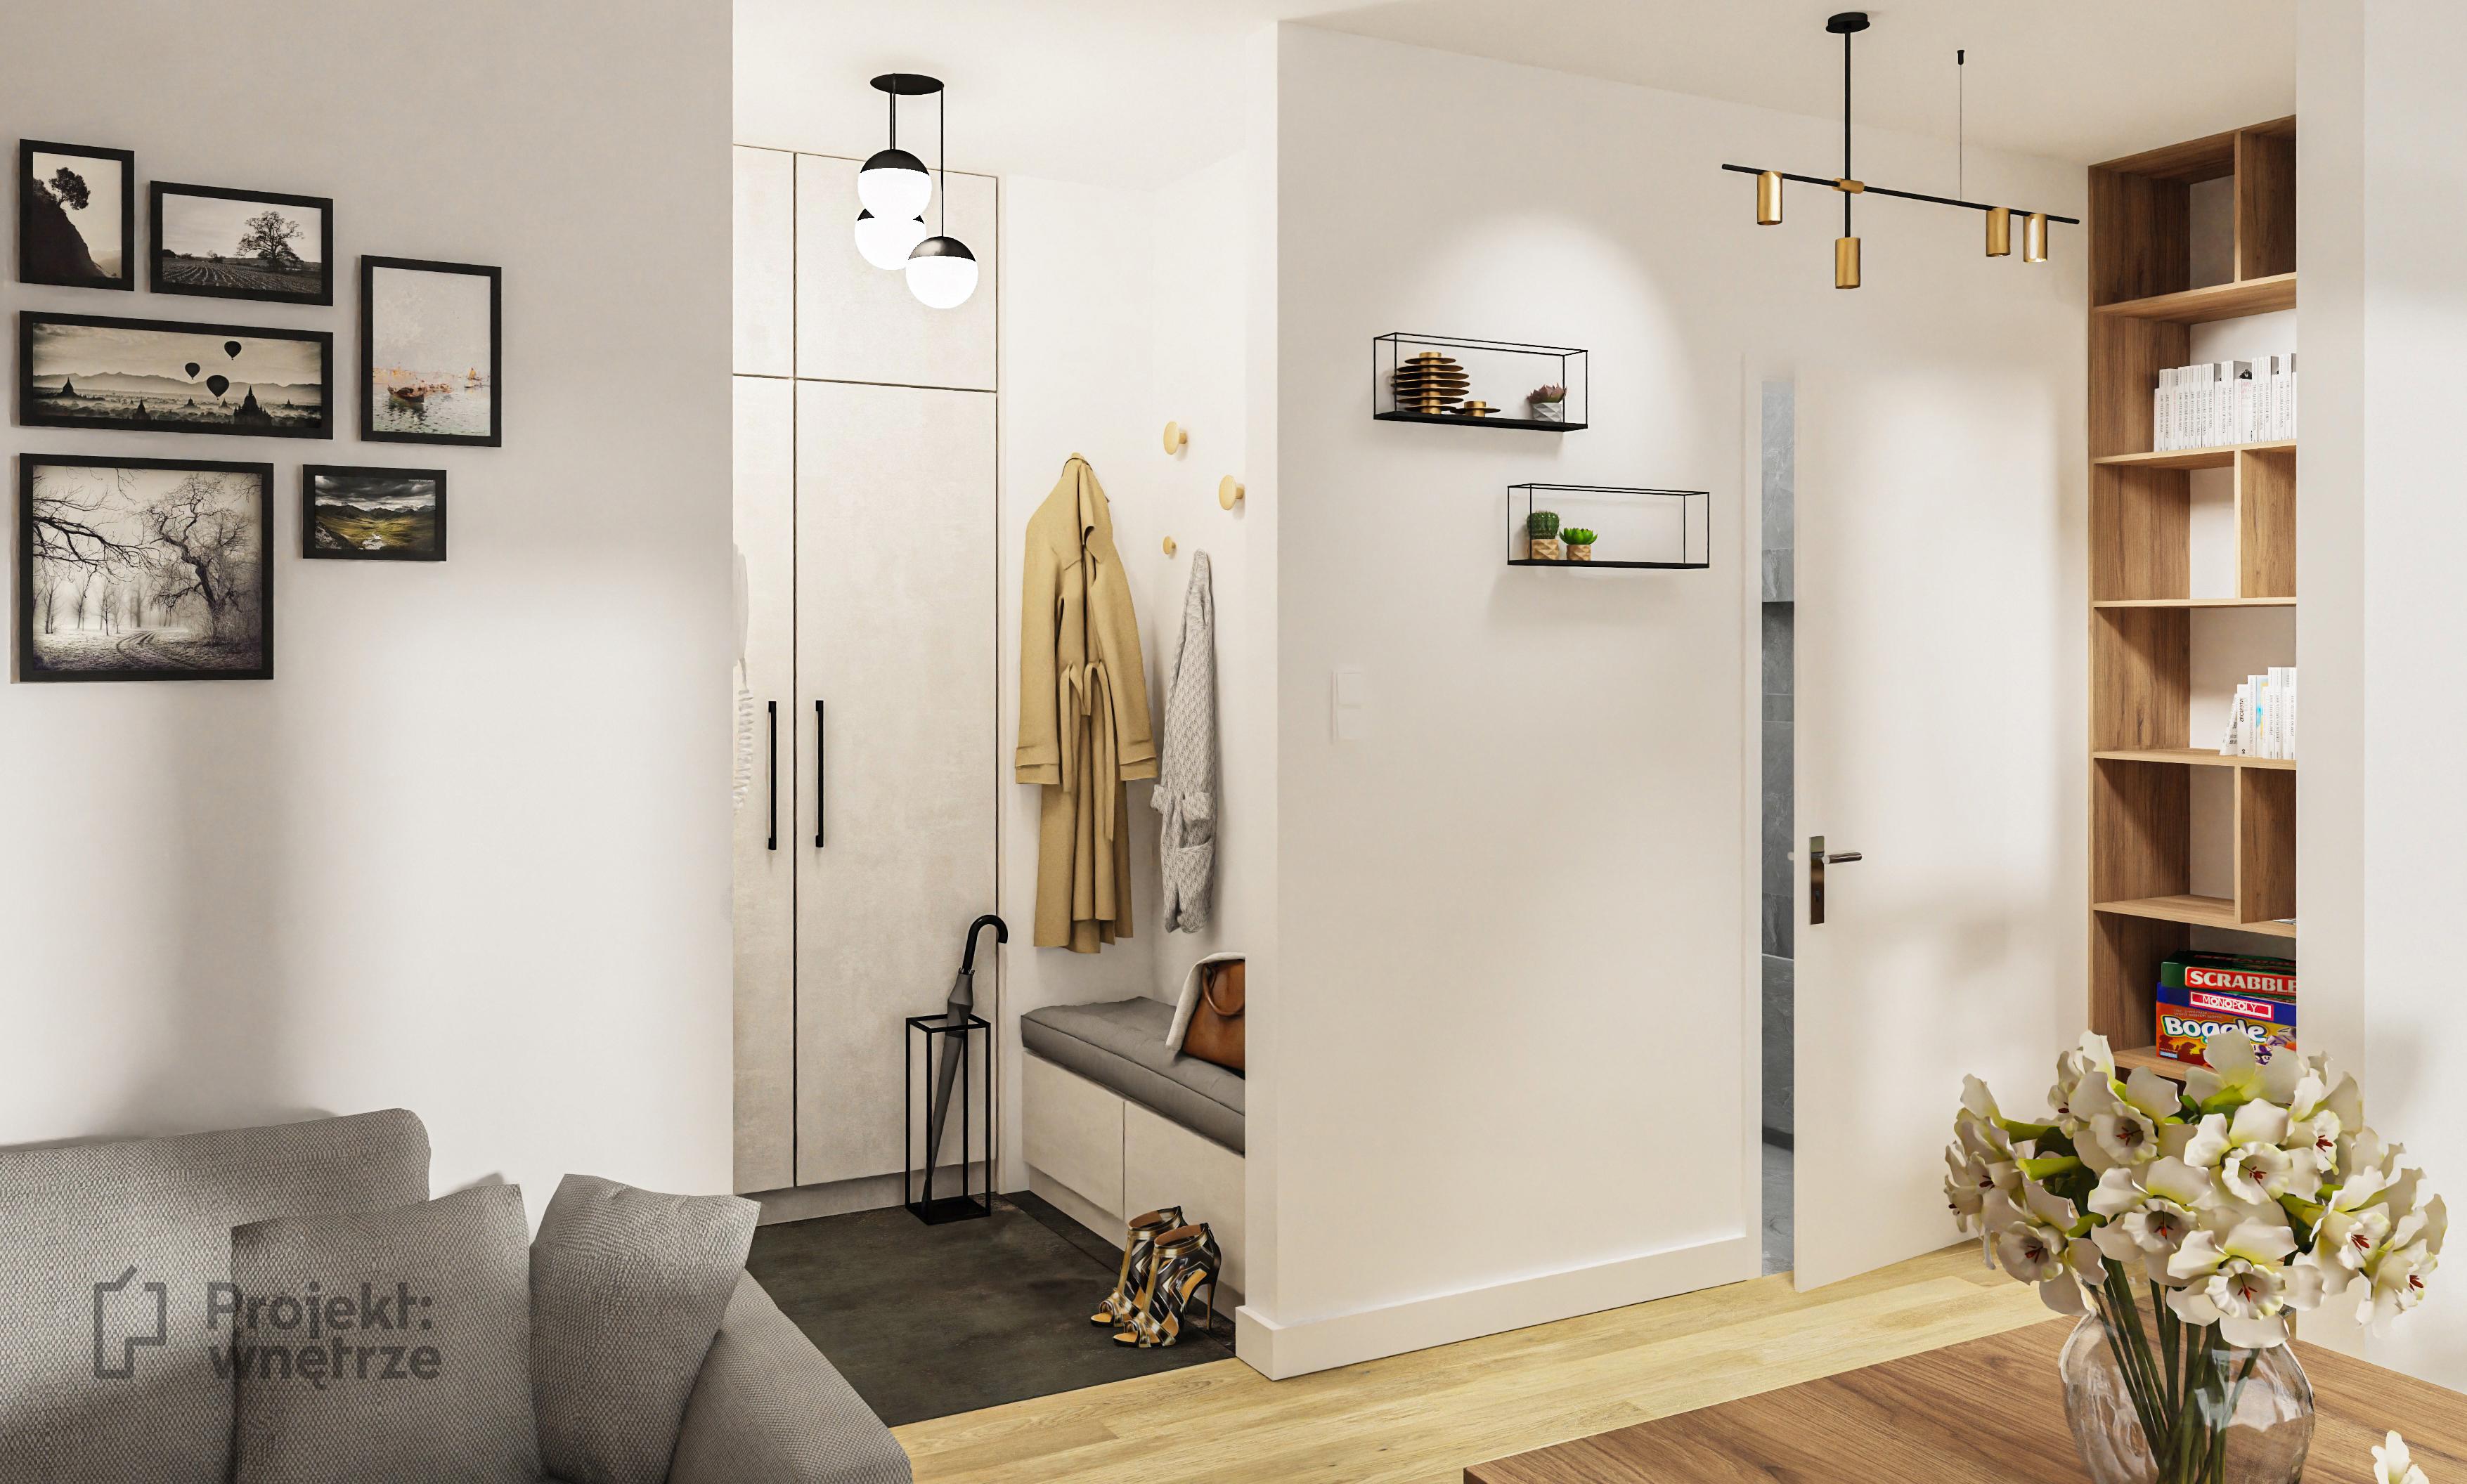 Mieszkanie soft loft - korytarz lustro loft ze szprosami - projekt mieszkania Projekt: wnętrze www.projektwnetrze.com.pl